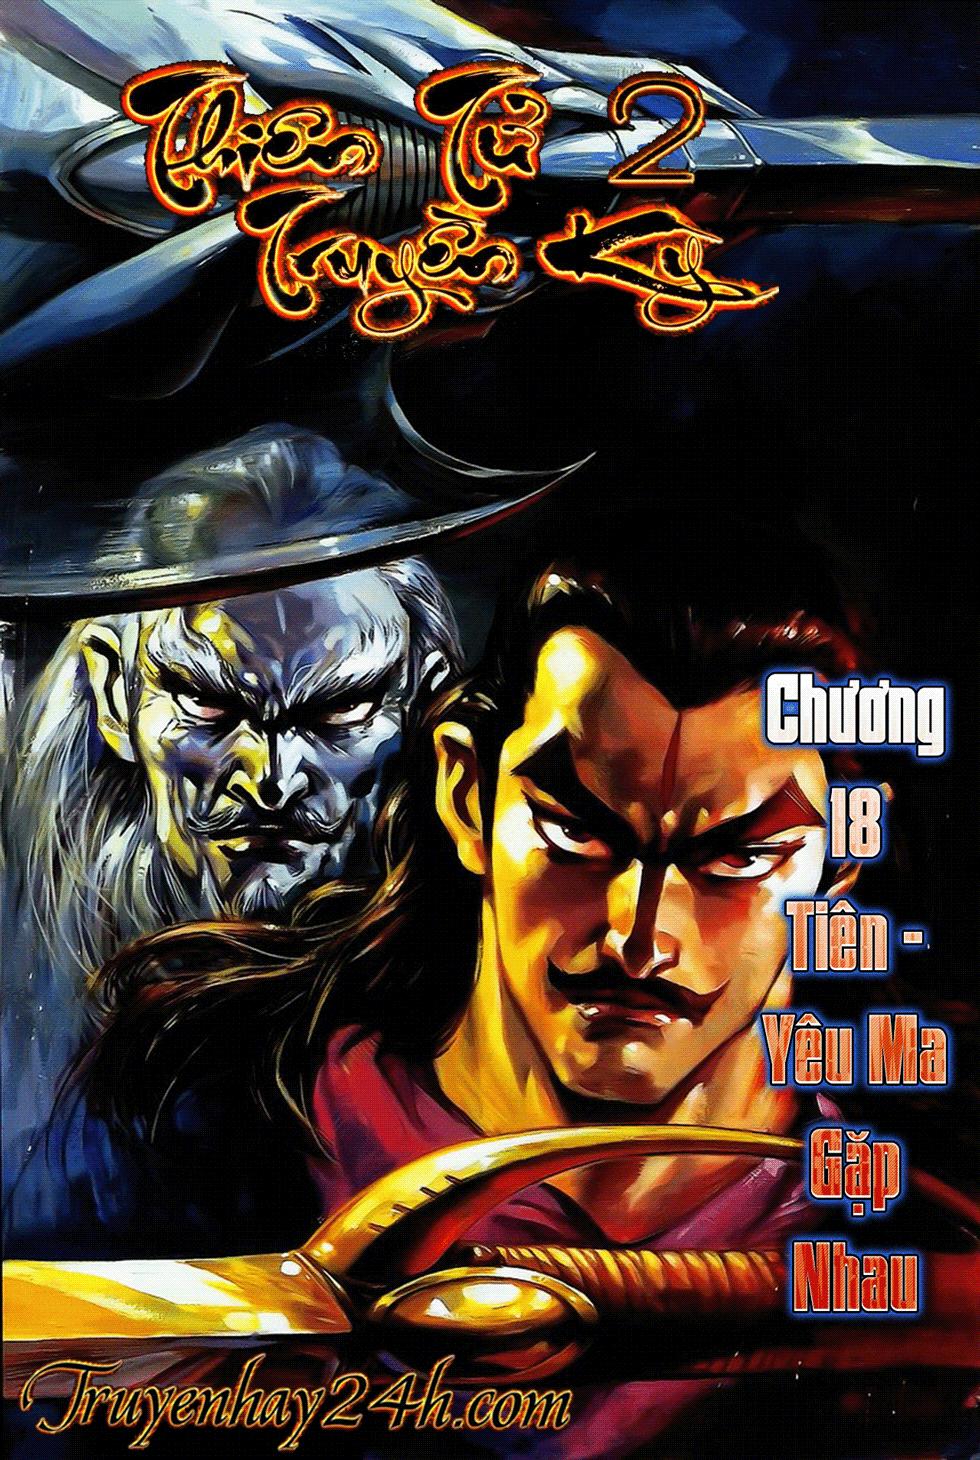 Tần Vương Doanh Chính chapter 18 trang 2